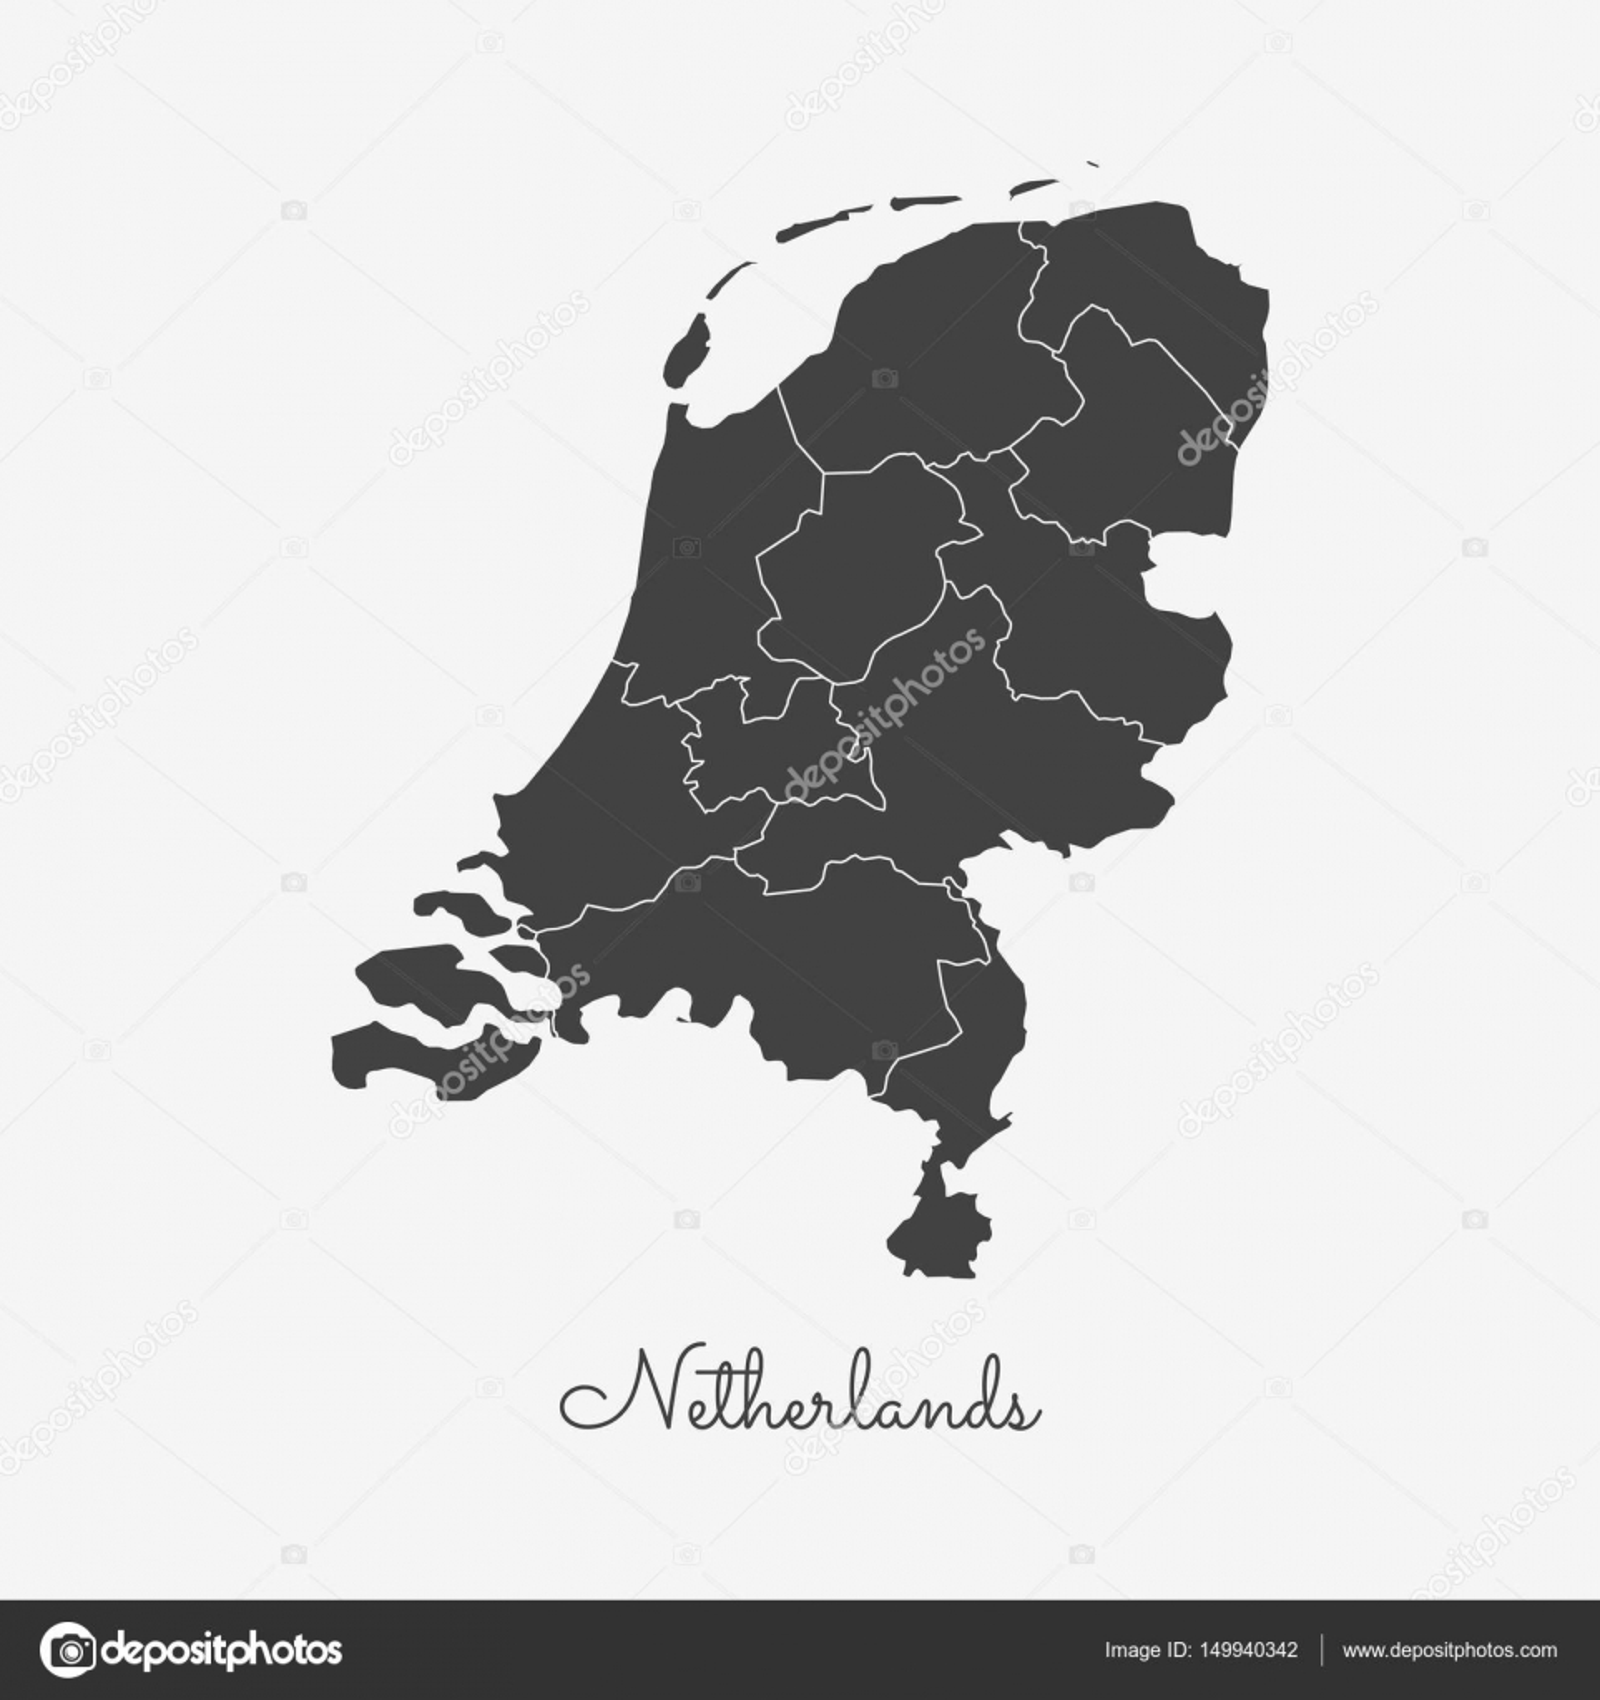 Niederlande Karte Umriss.Niederlande Region Karte Grauen Umriss Auf Weißem Hintergrund